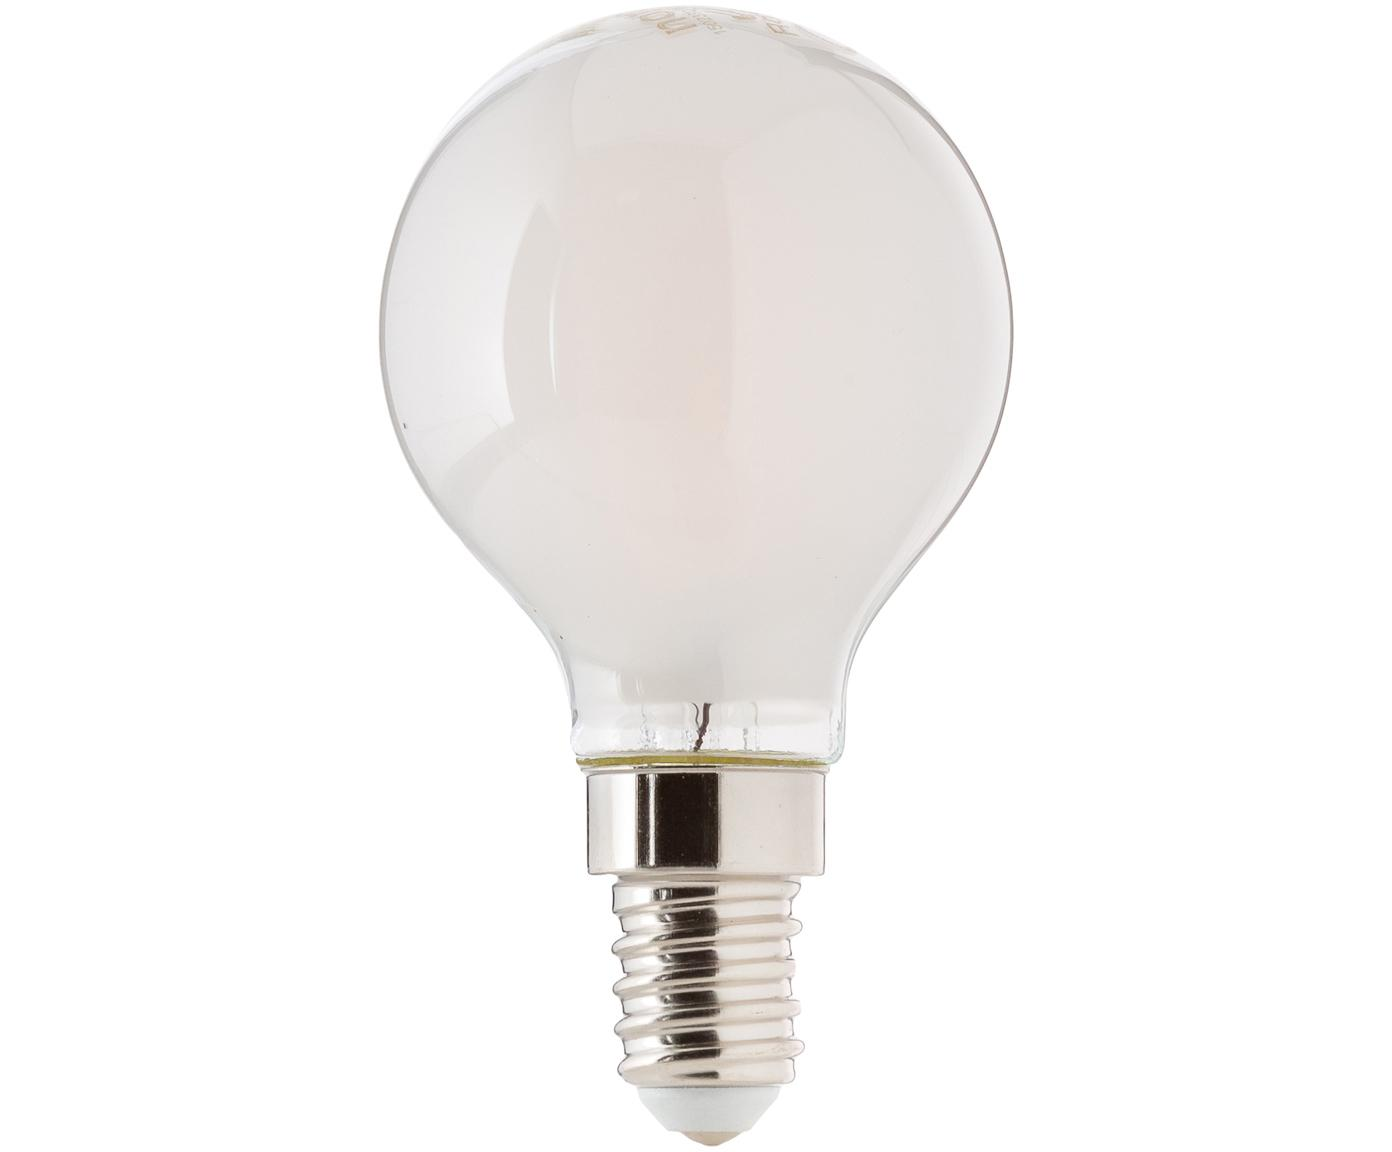 Bombilla Sedim (E14/2,5W), Ampolla: plástico, Casquillo: aluminio, Blanco, Ø 5 x Al 8 cm